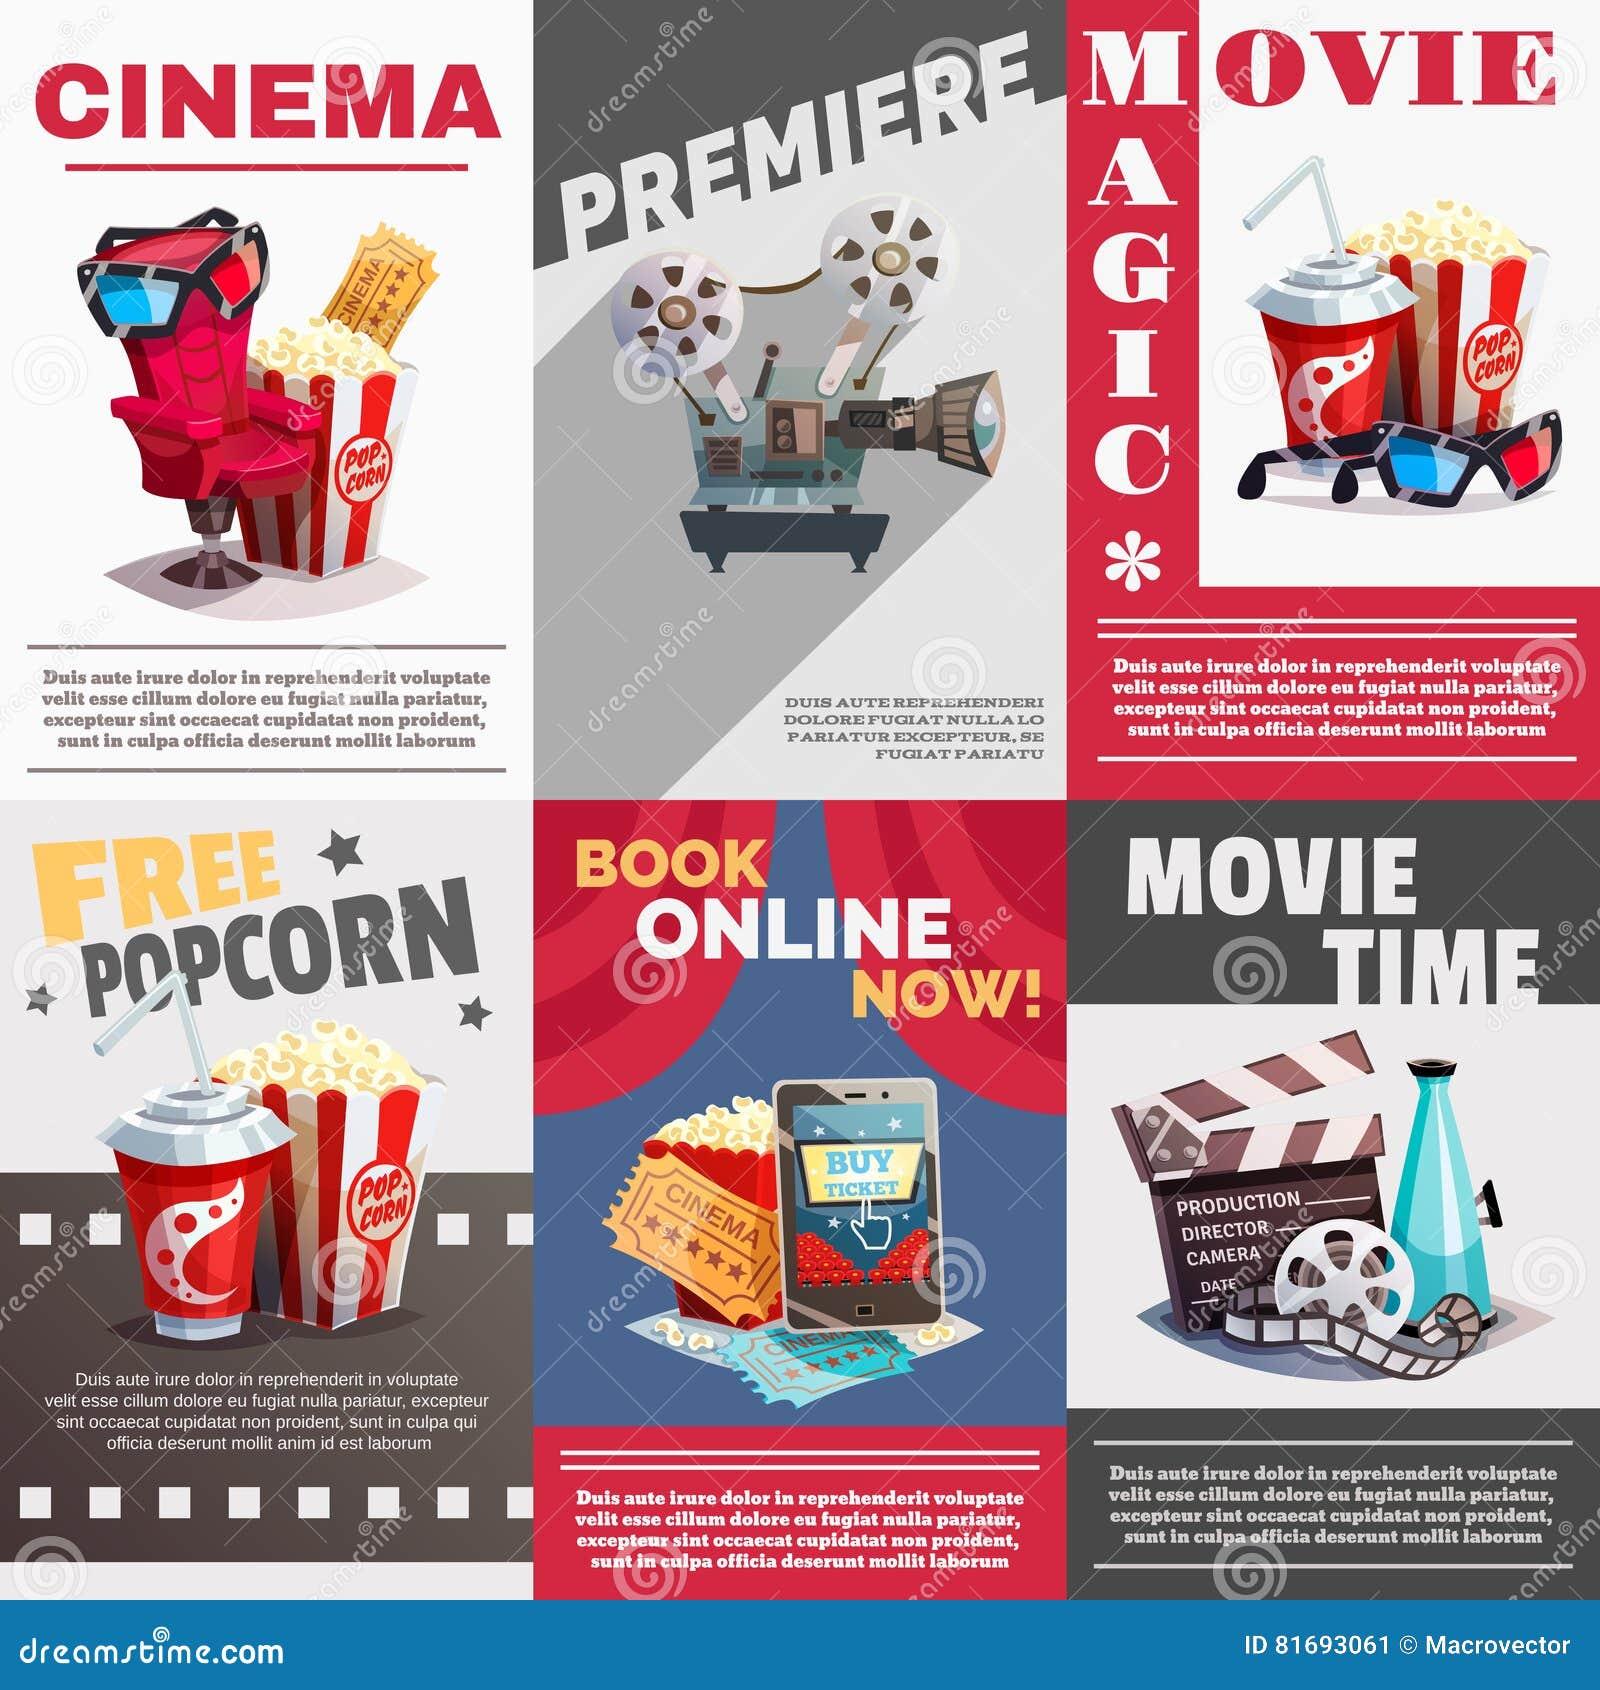 Sistema de carteles del cine con la publicidad de la premier